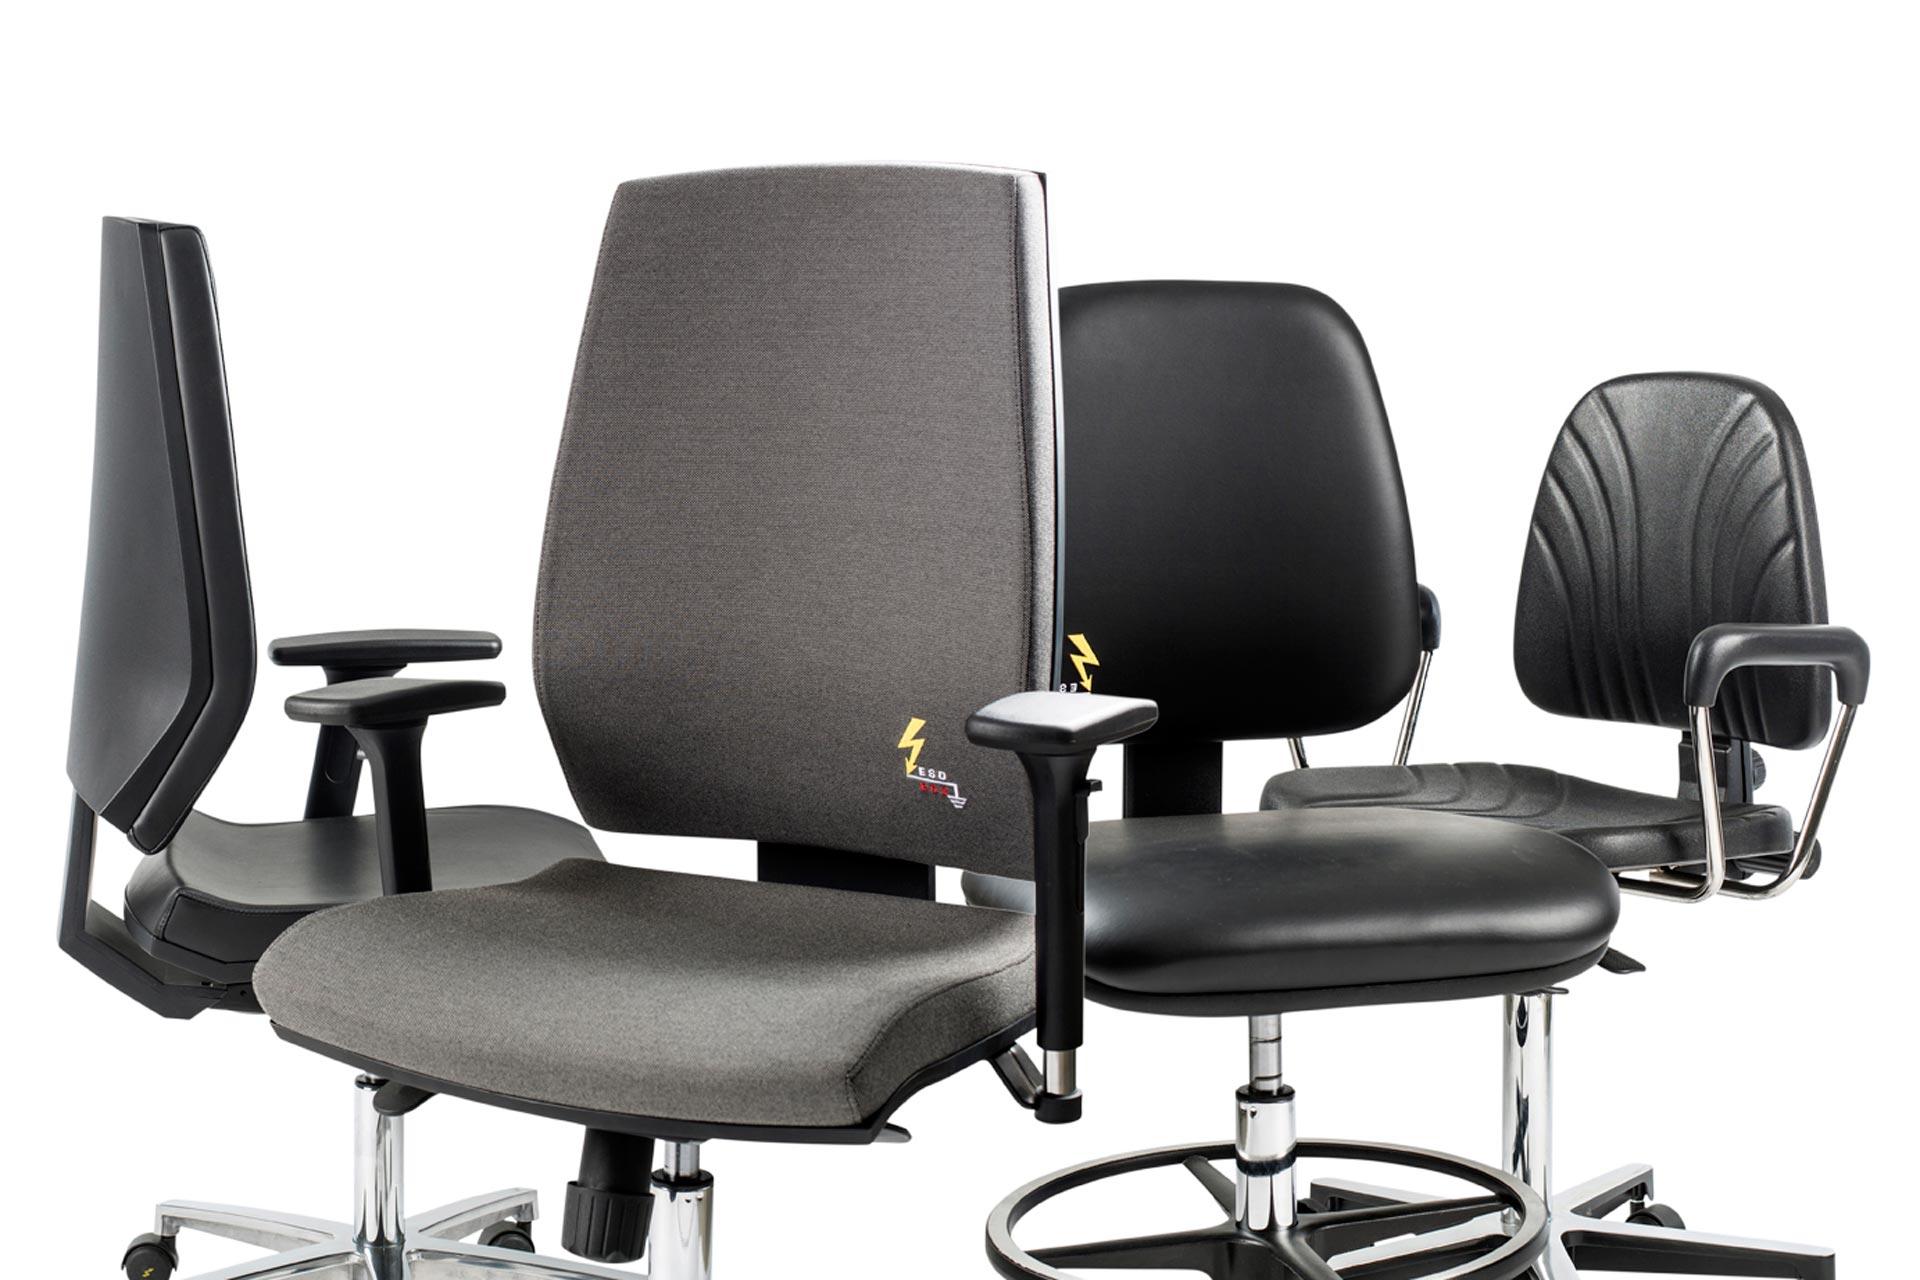 Sedie da ufficio comode eleganti durevoli for Sedie d ufficio